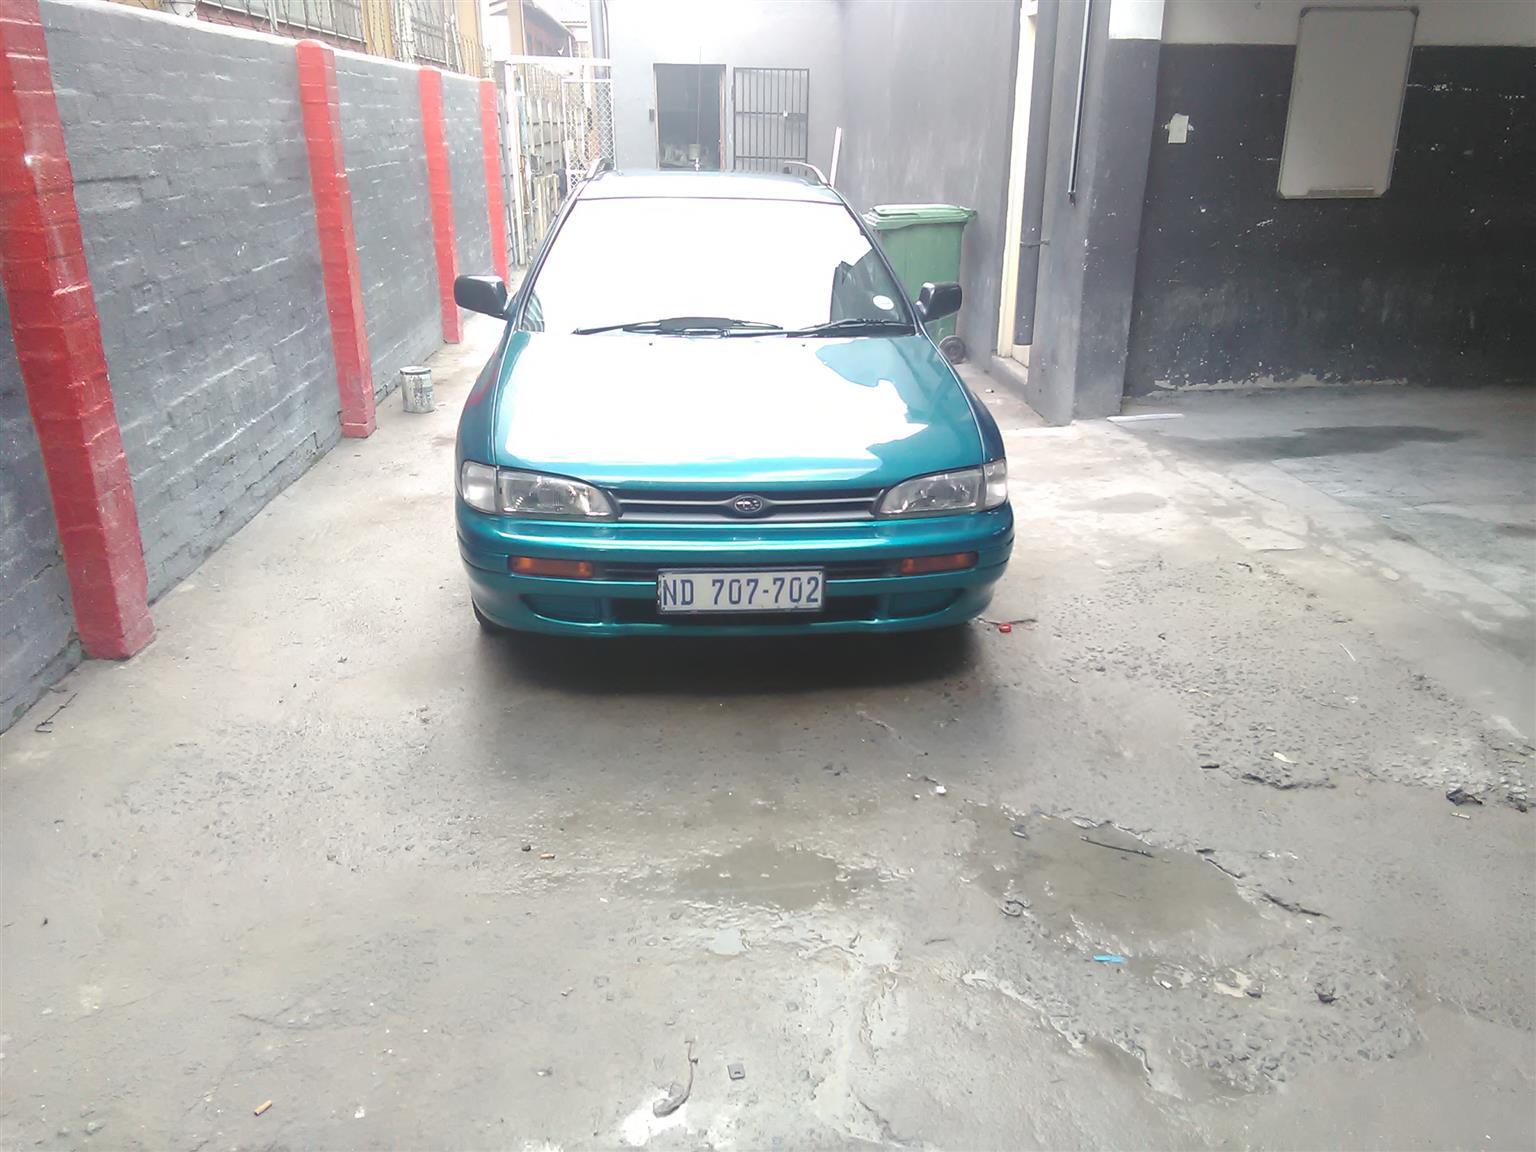 1996 Subaru Impreza 2.0 R sedan